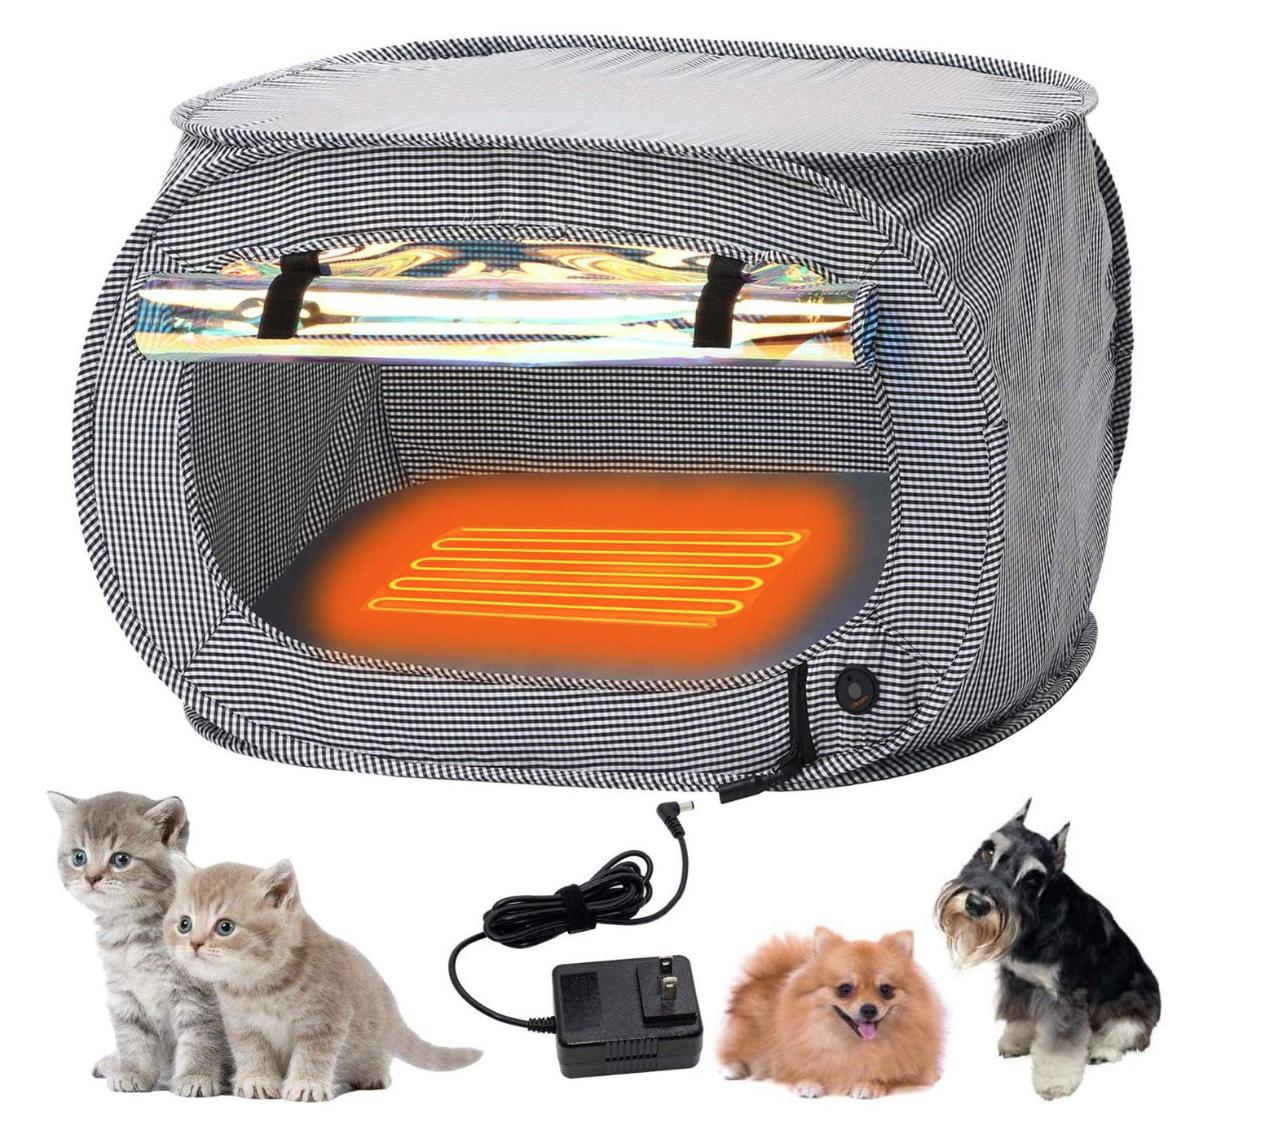 ZenCT ケージ 犬猫用 折りたたみソフトケージ ヒーターマット付き